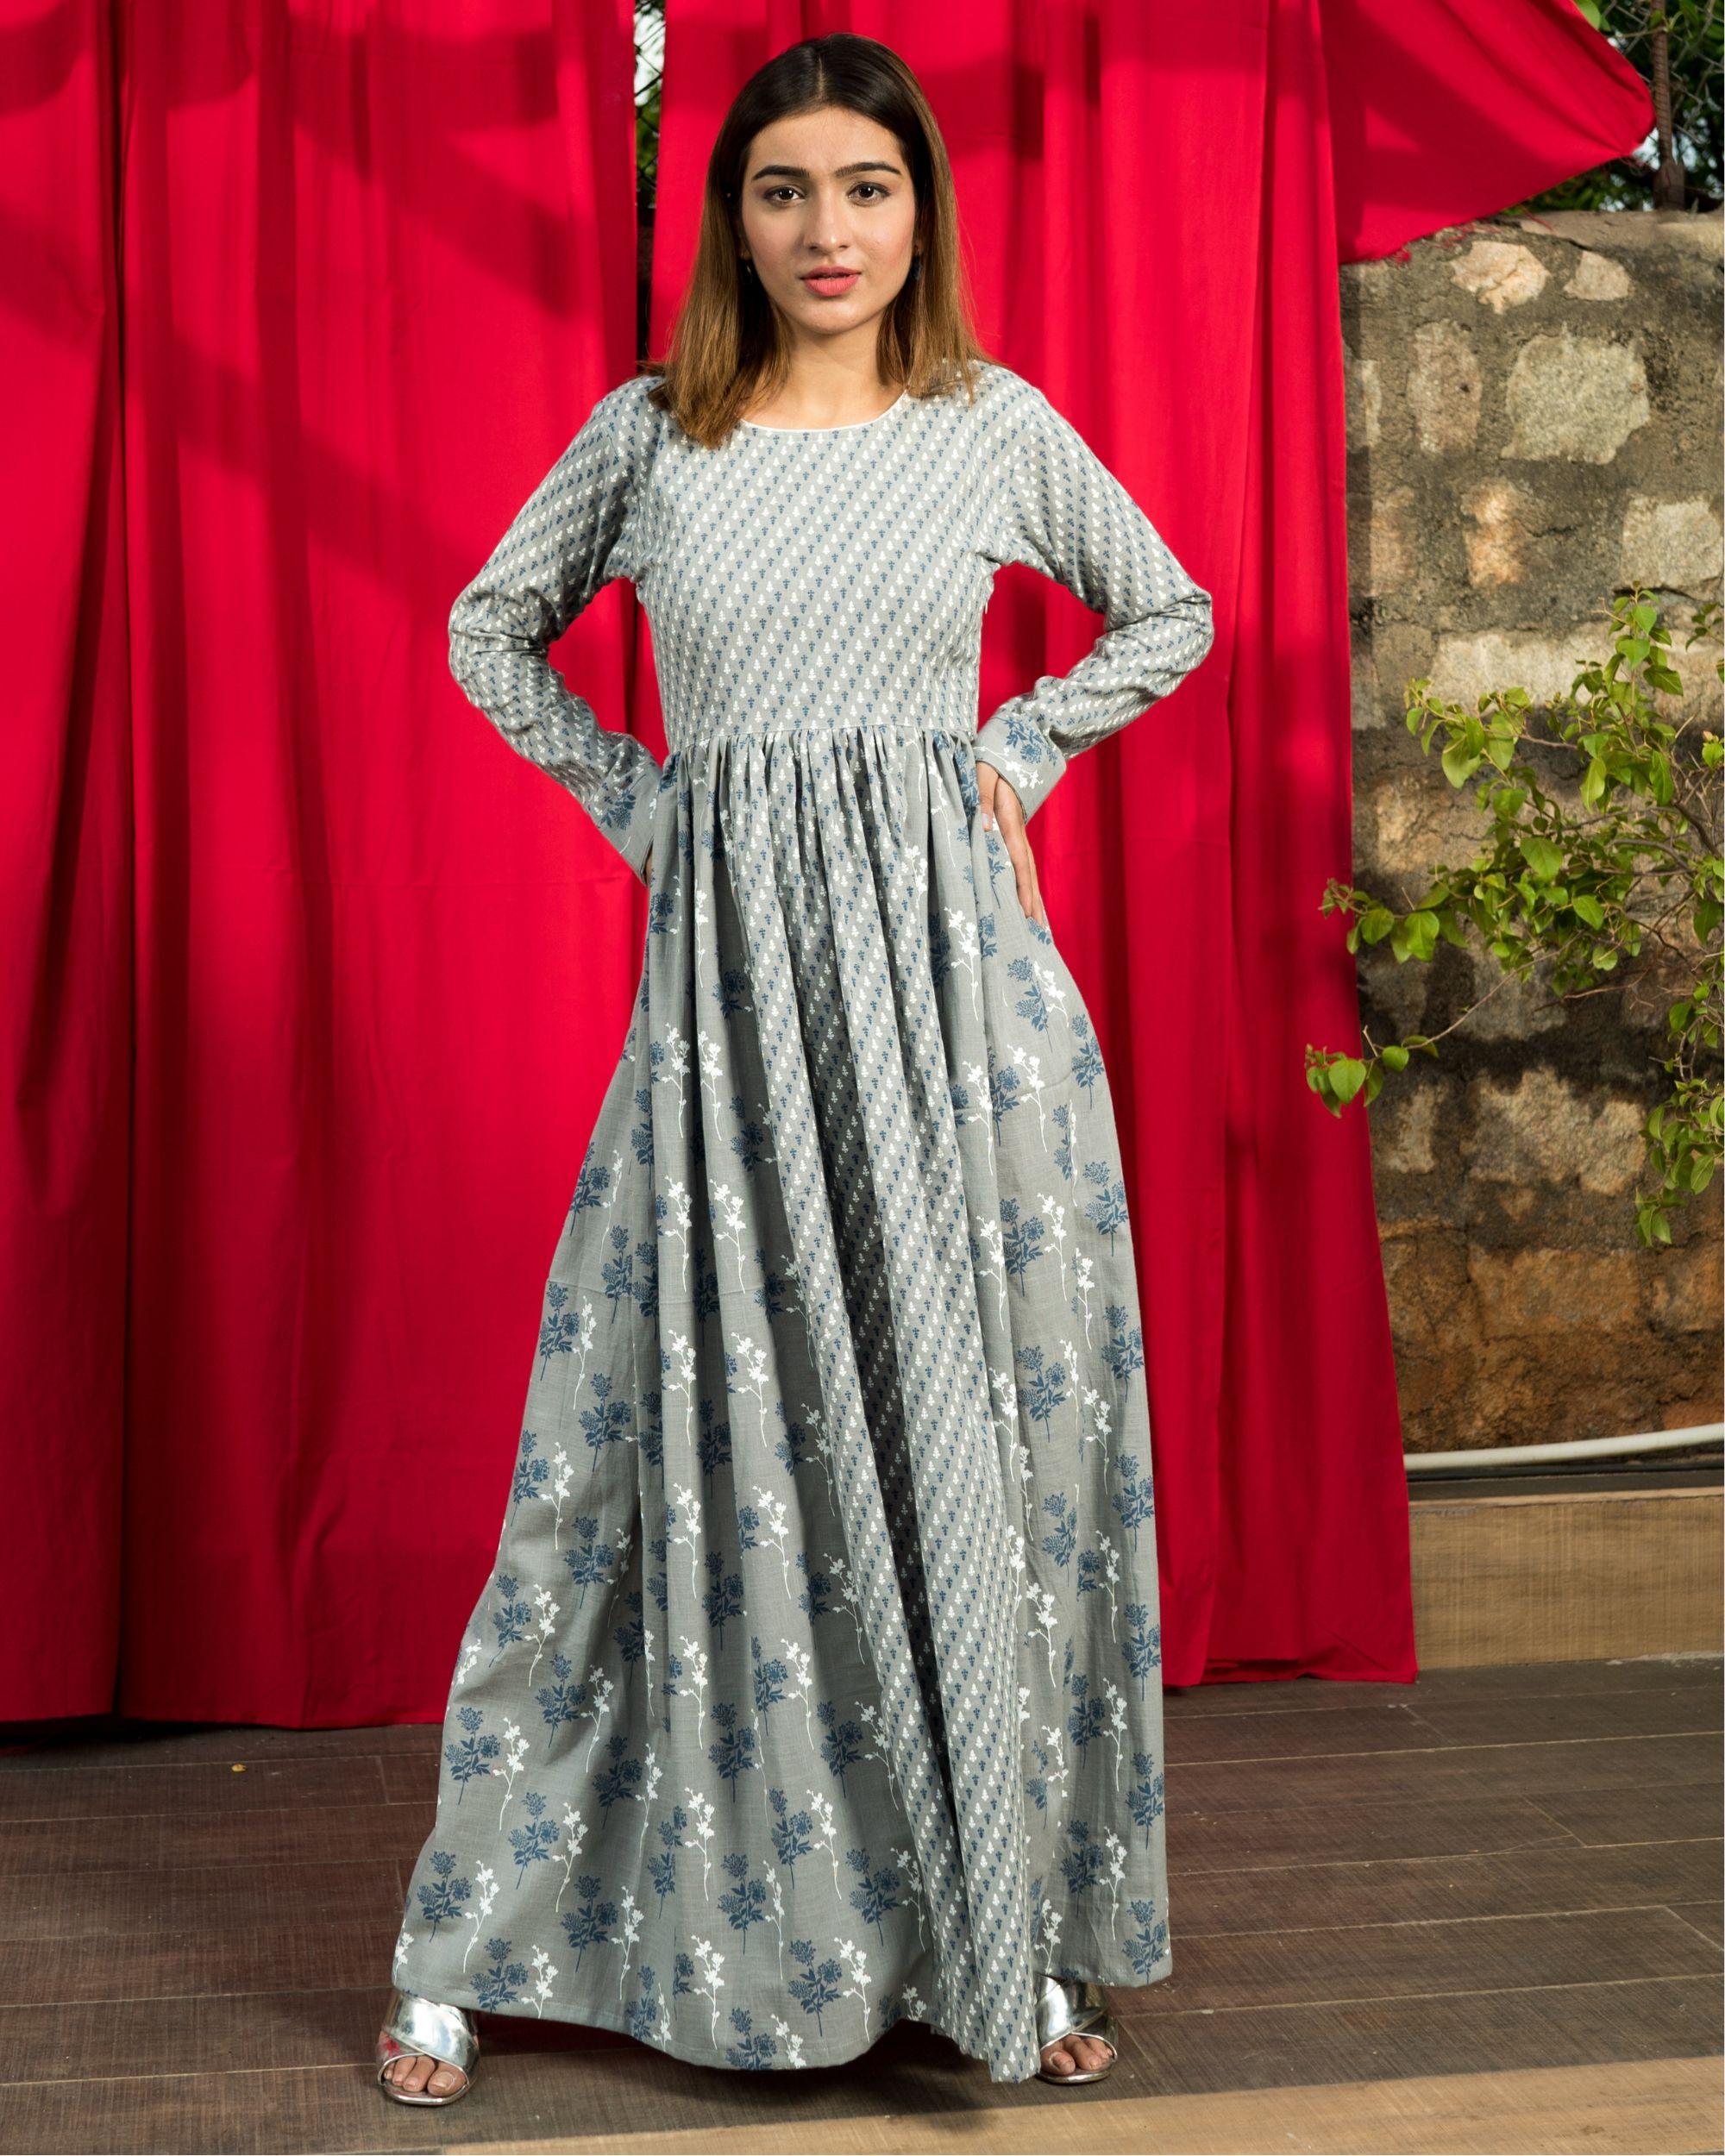 Cotton flux grey dress